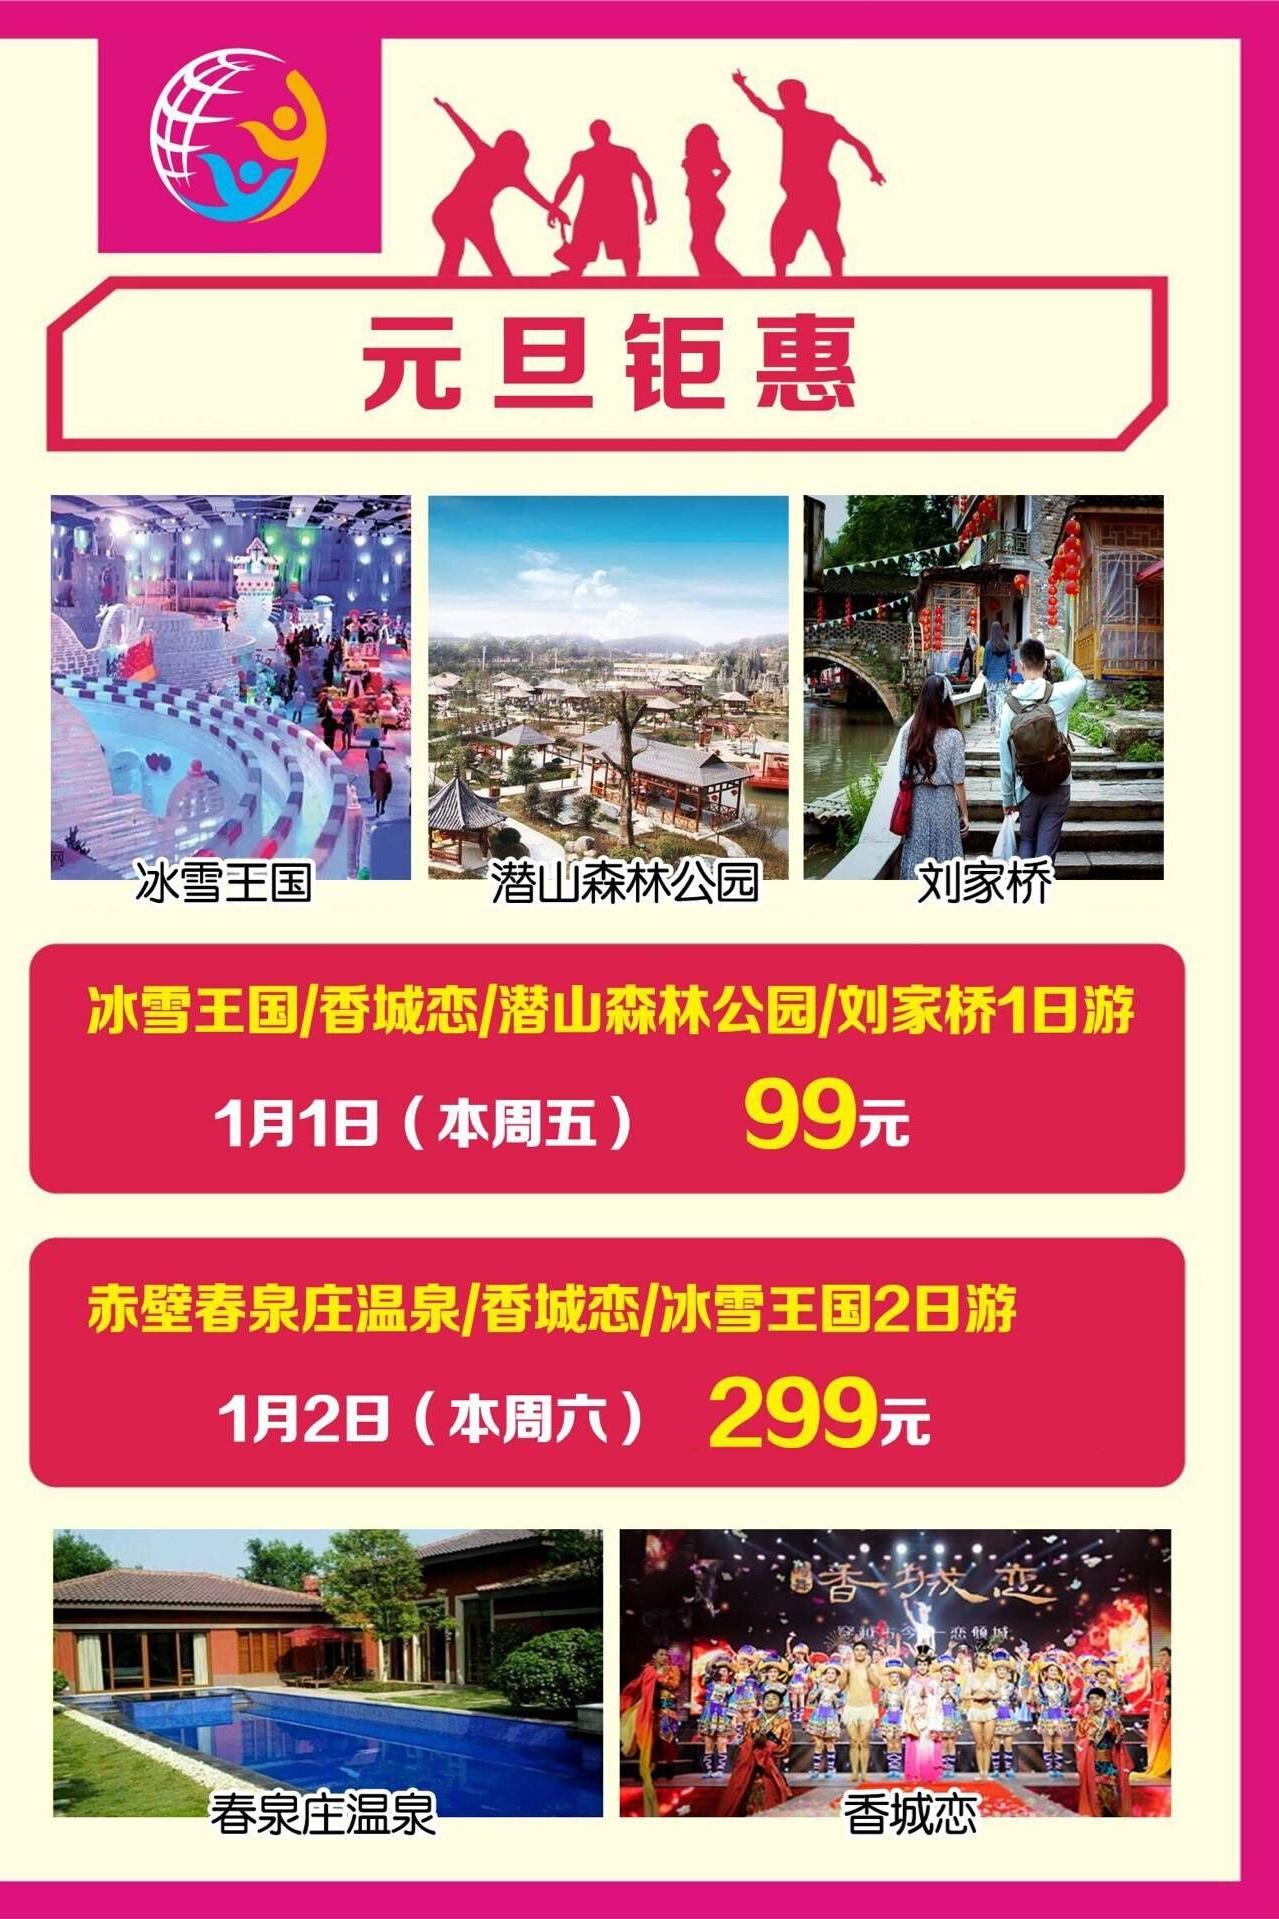 99元,元旦一日游,冰雪王国香城恋潜江森林全包了。